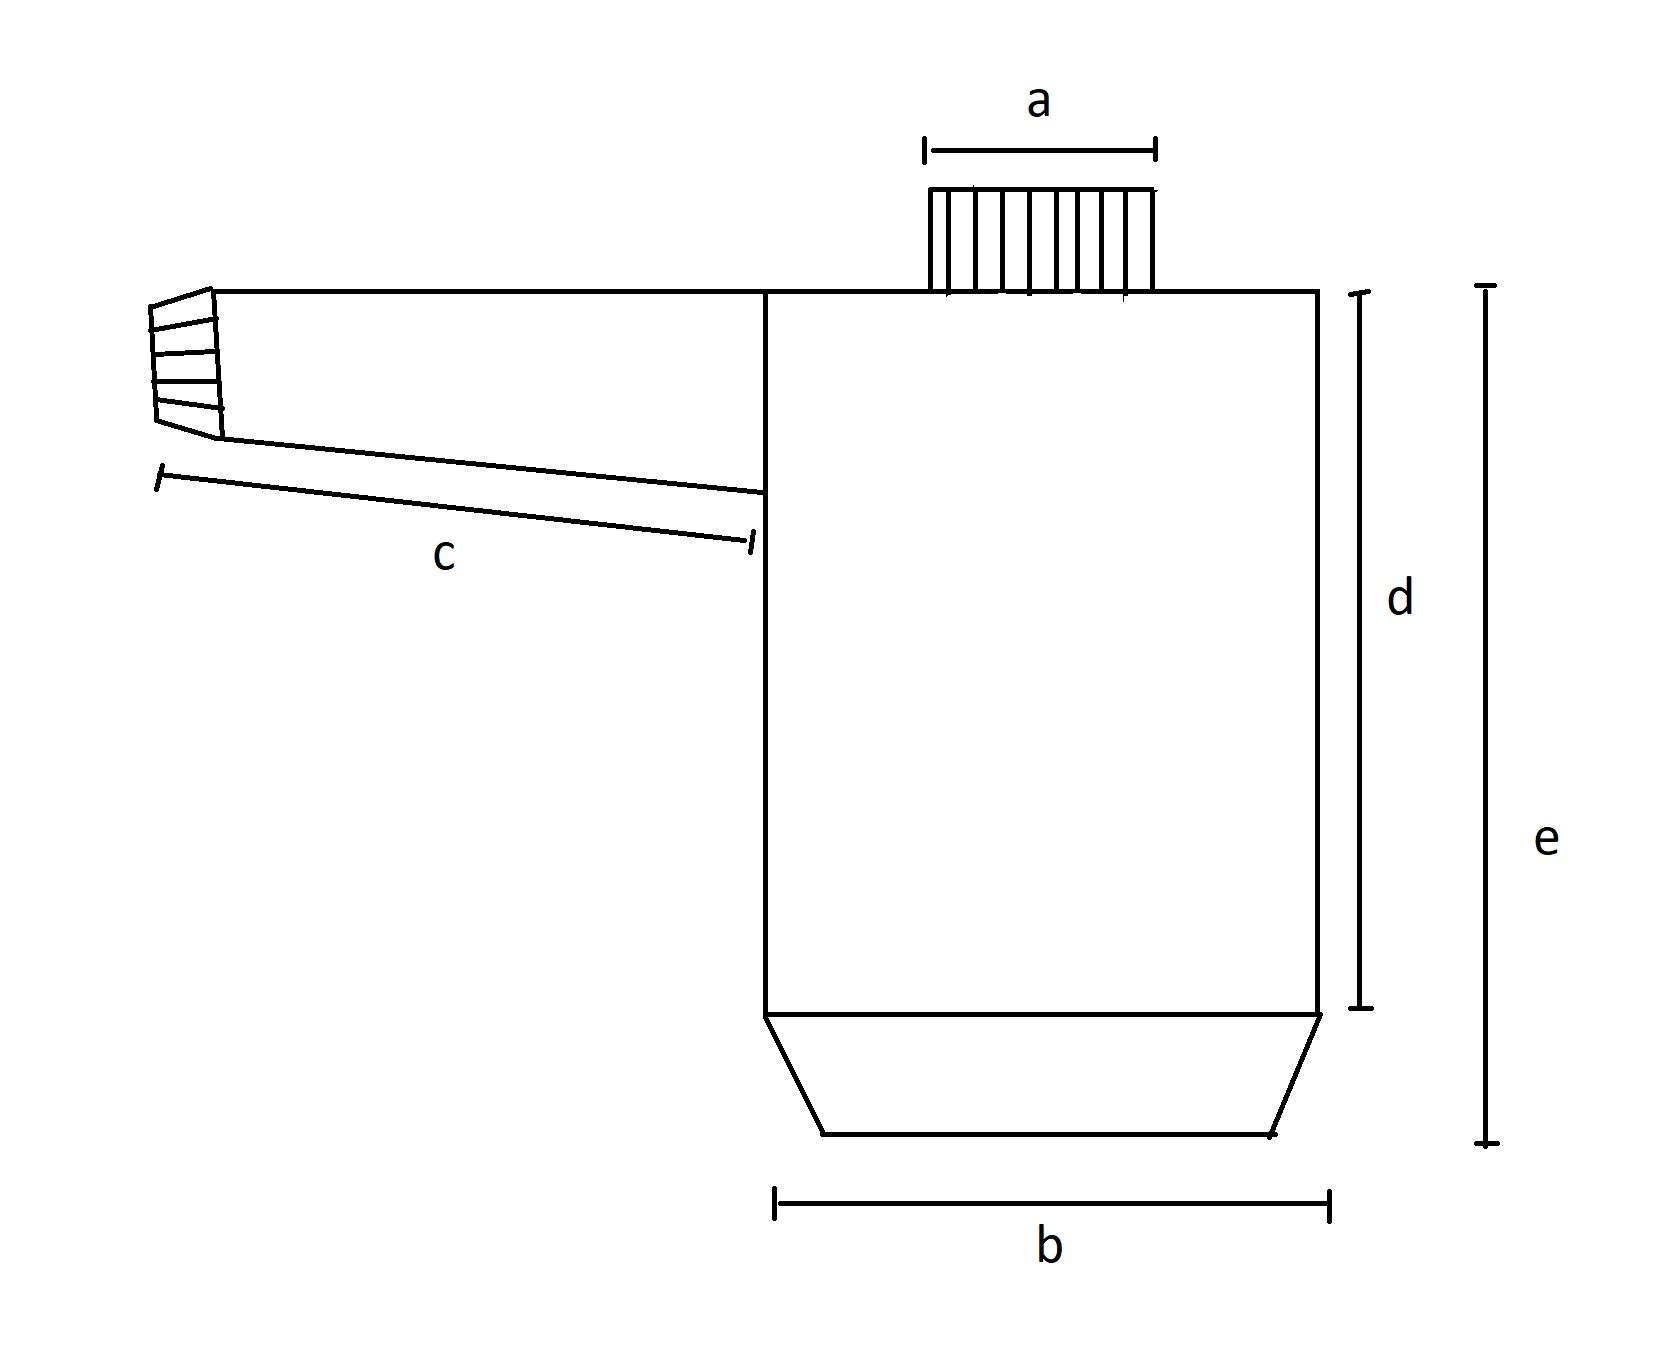 Coaty Sweater Diagram